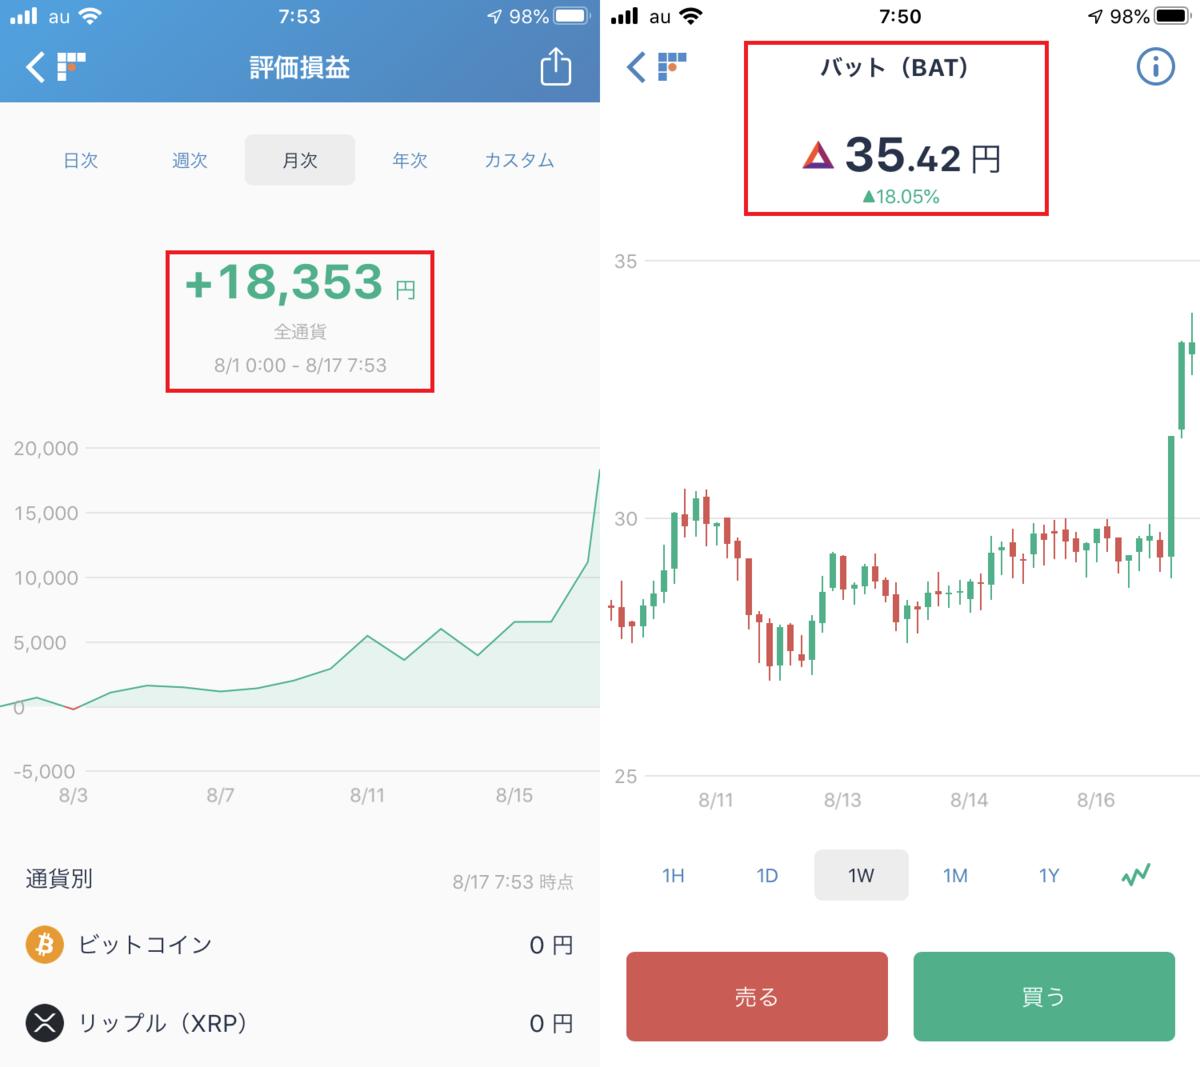 株で稼ぐ Kensinhan の投資ブログ 仮想通貨 BAT(バット)爆上げモード…